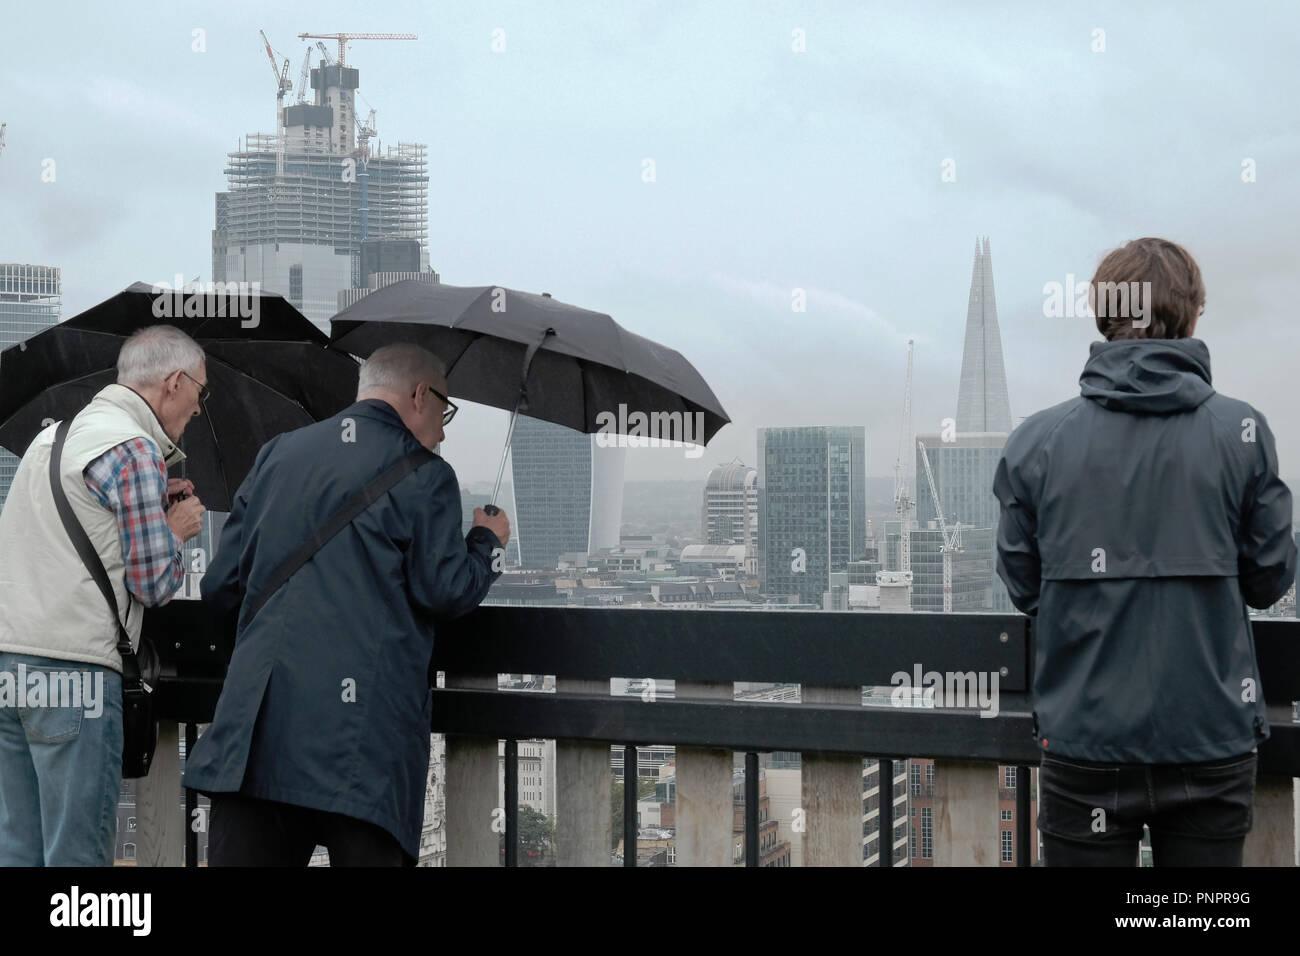 Regno Unito Meteo.1 Old Street cantiere, Old Street, Londra, Inghilterra. 22 Sett. 2018 Due uomini tenere gli ombrelli sotto la pioggia come guardano in vista di Londra dalla terrazza sul tetto al collare bianco fabbrica durante la Open House di Londra. Credito: Judi Saunders/Alamy Live News Immagini Stock